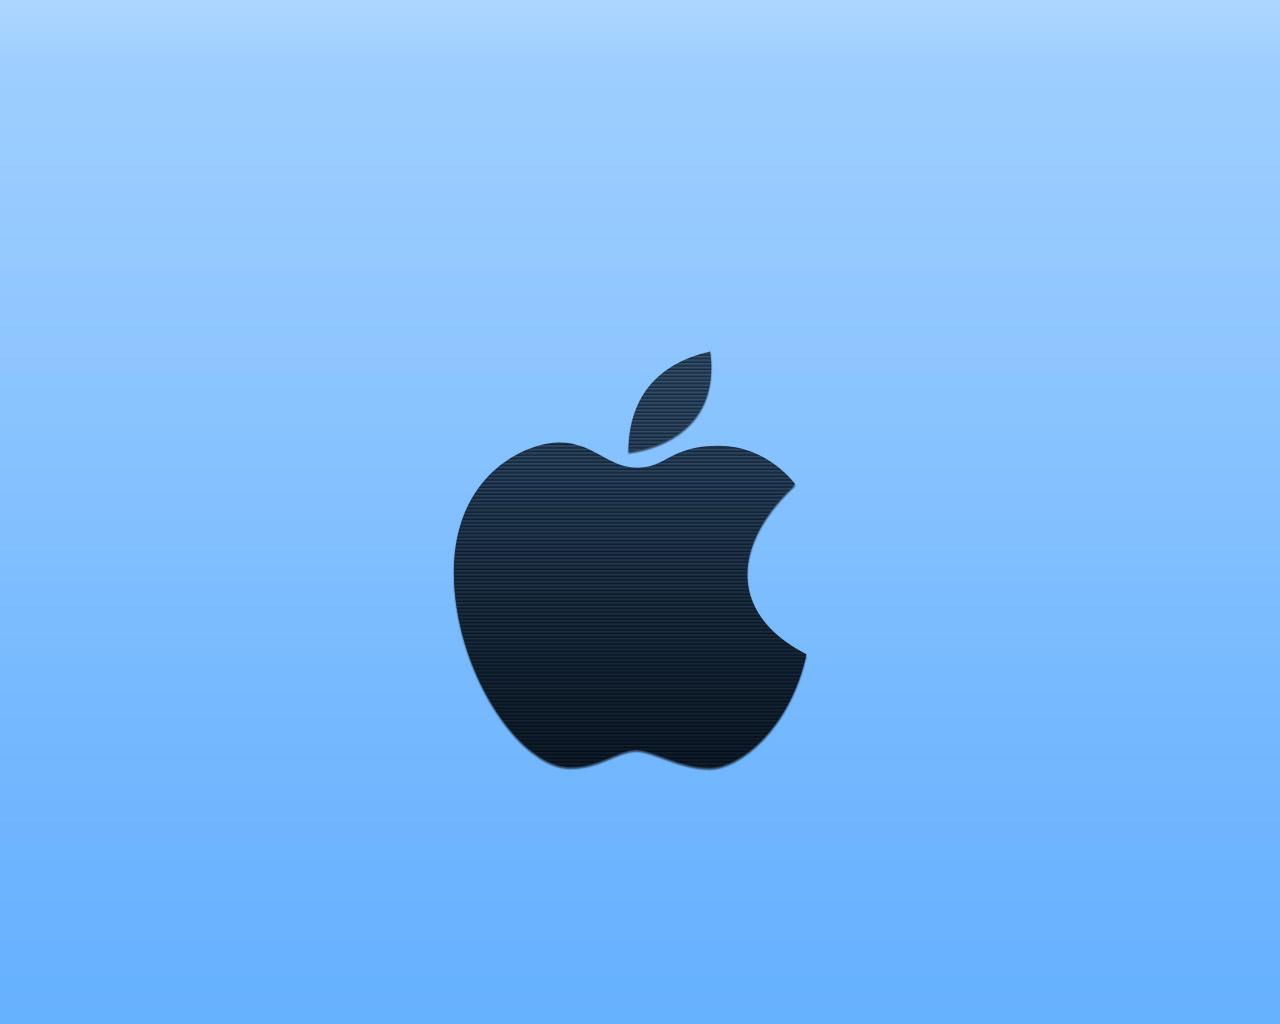 苹果主题壁纸-设计欣赏-素材中国-online.sccnn.com